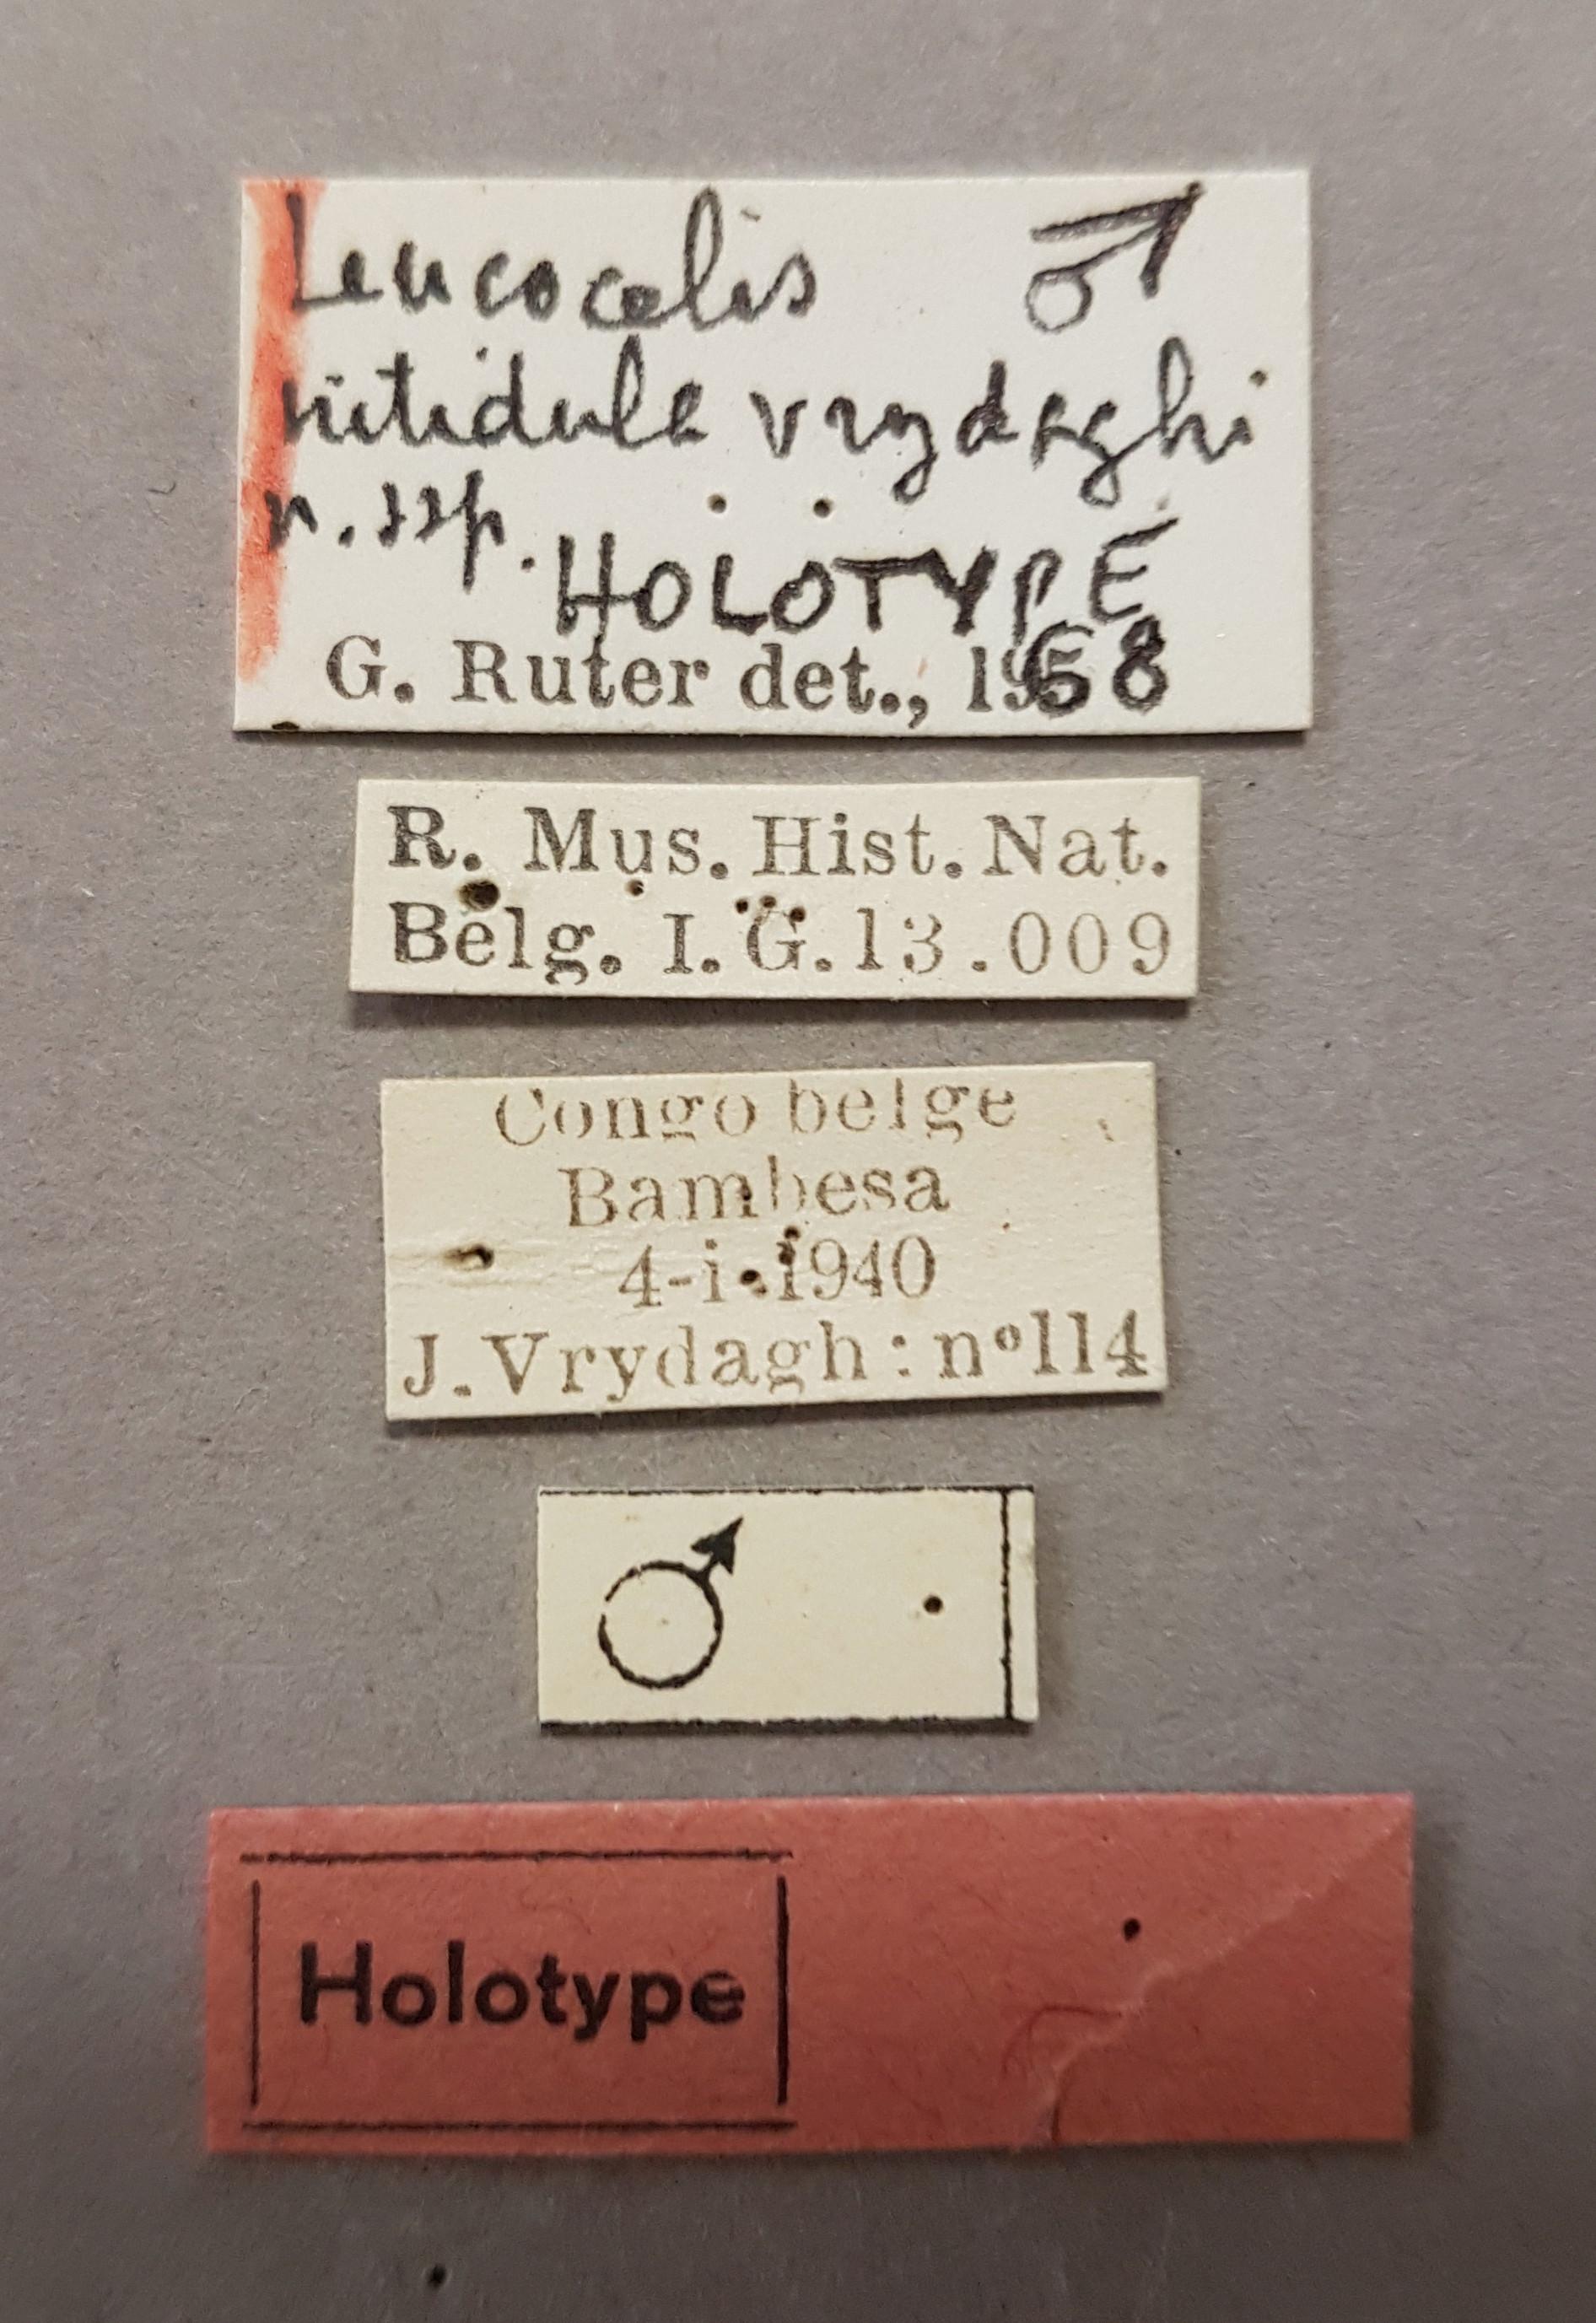 Leucocelis nitidula vrydaghi ht Lb.jpg